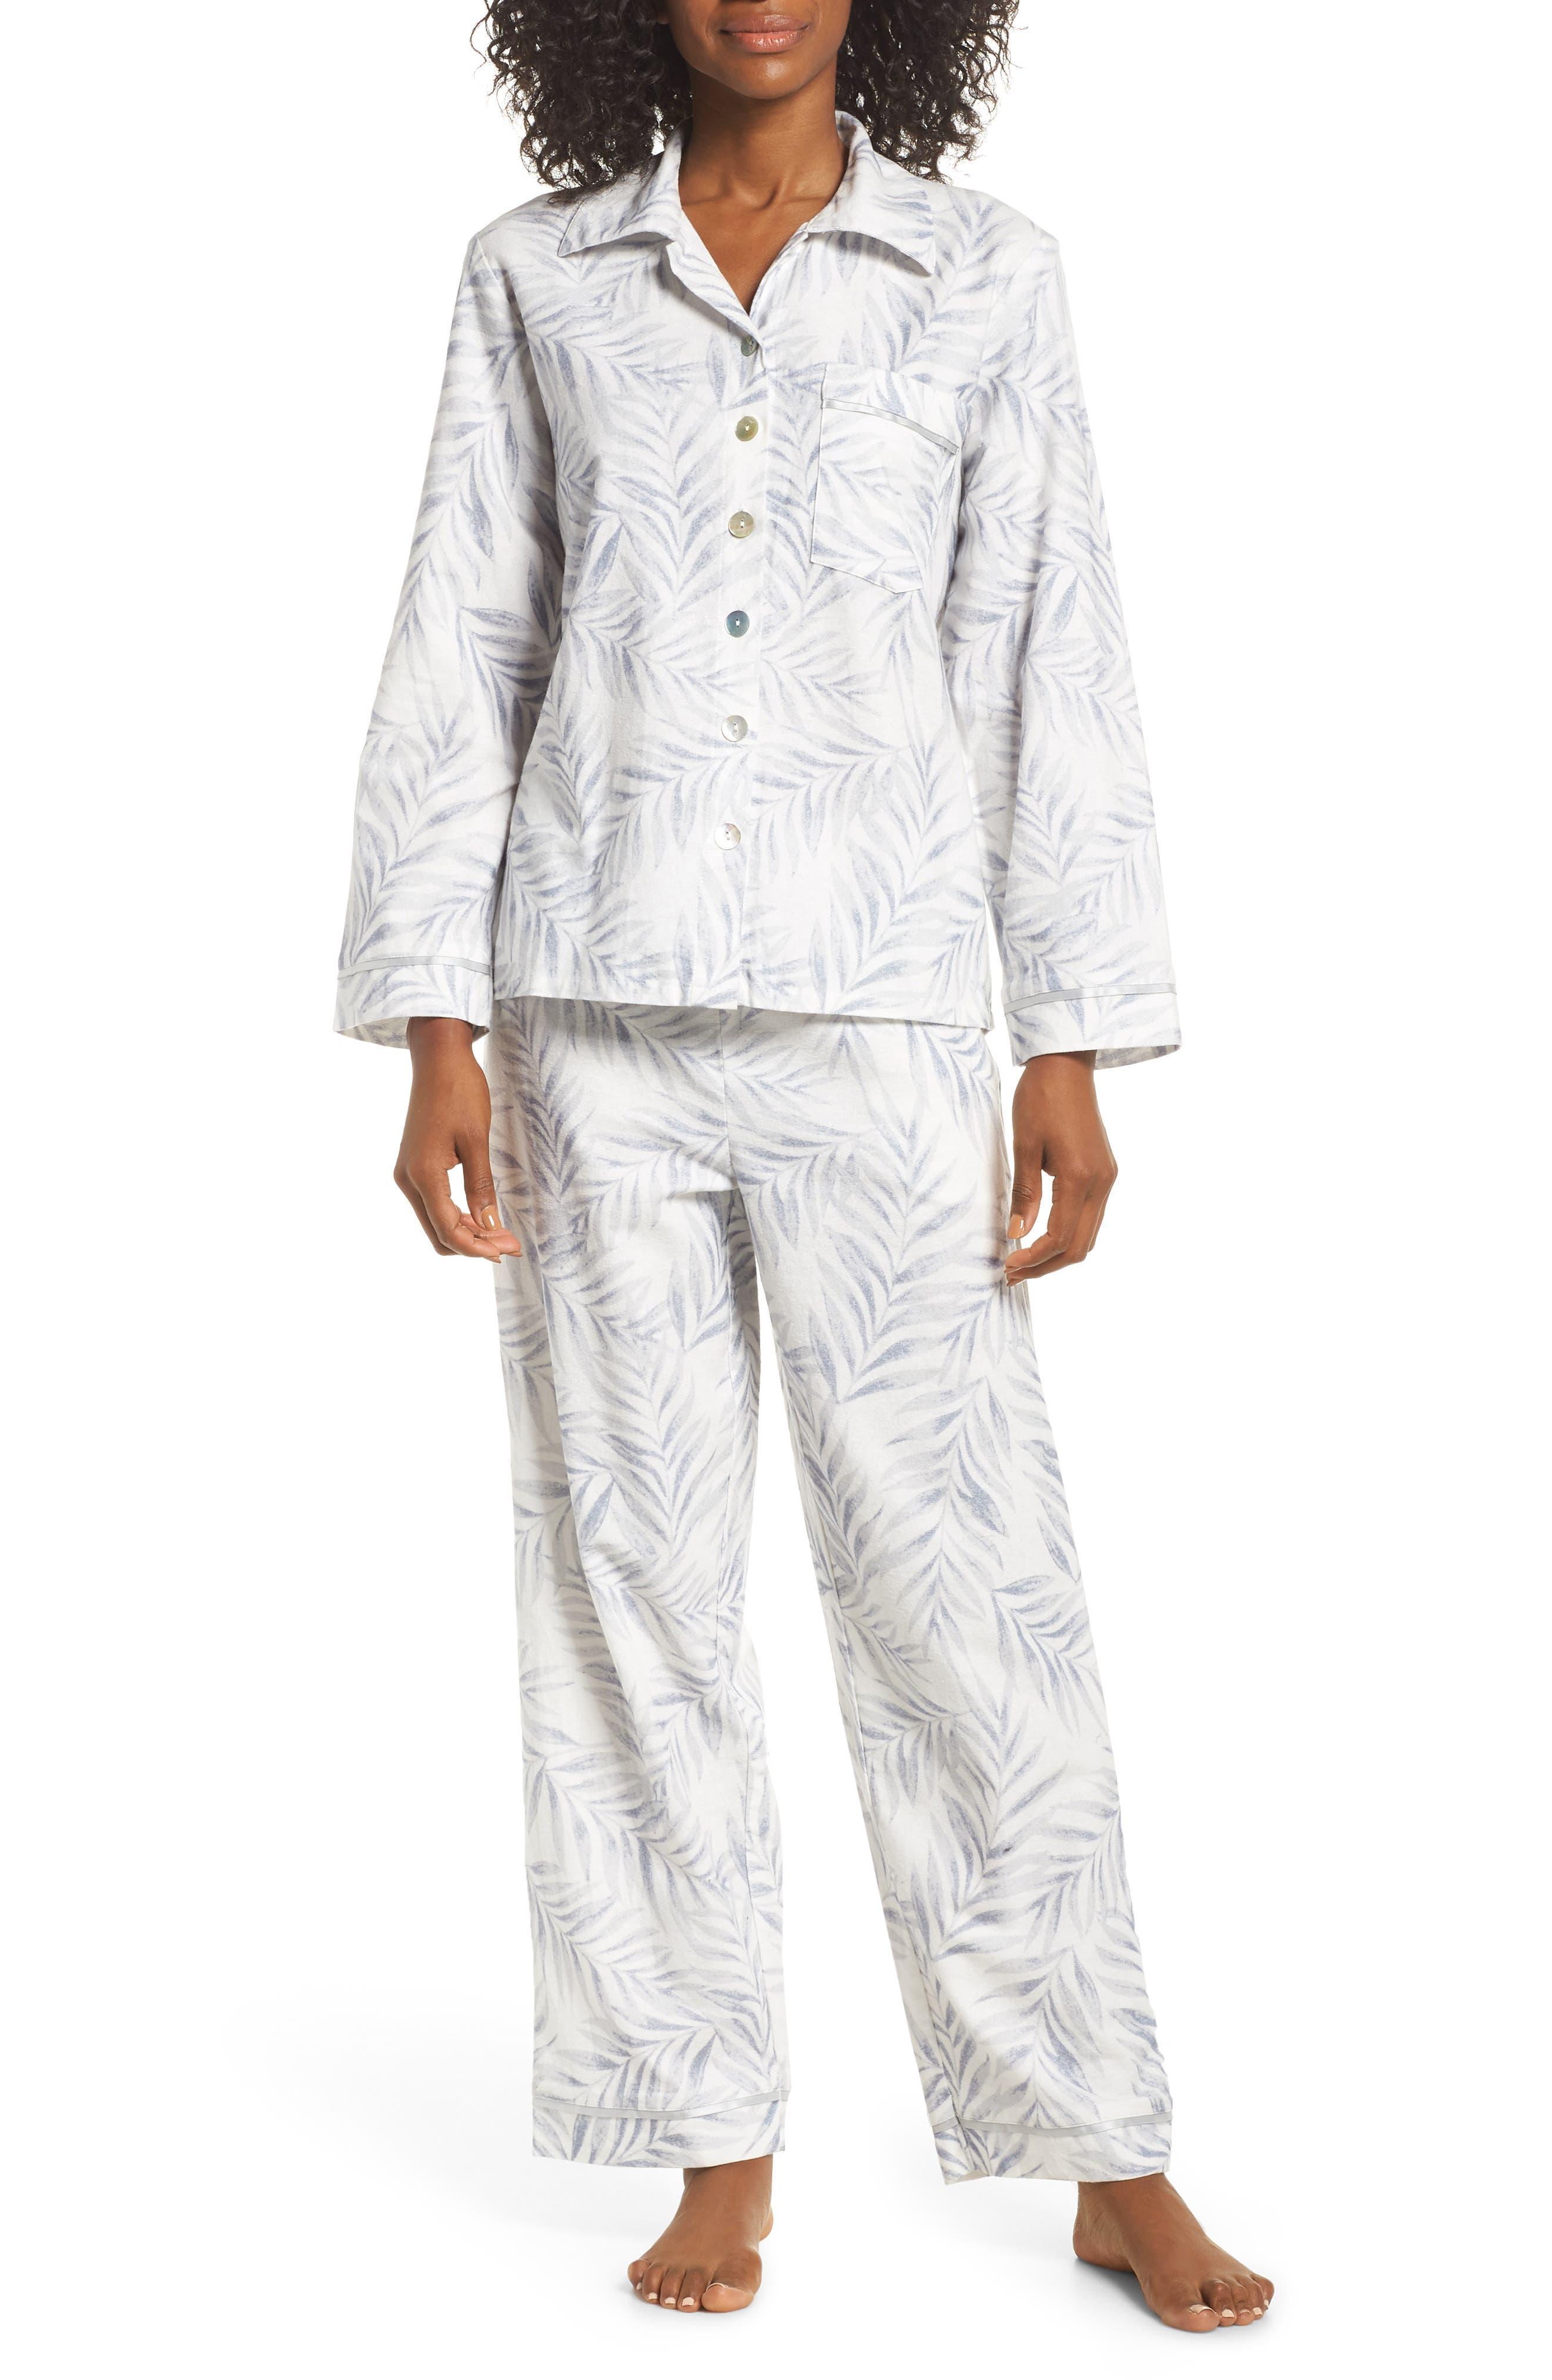 Silver Palms Pajamas,                             Main thumbnail 1, color,                             GREY